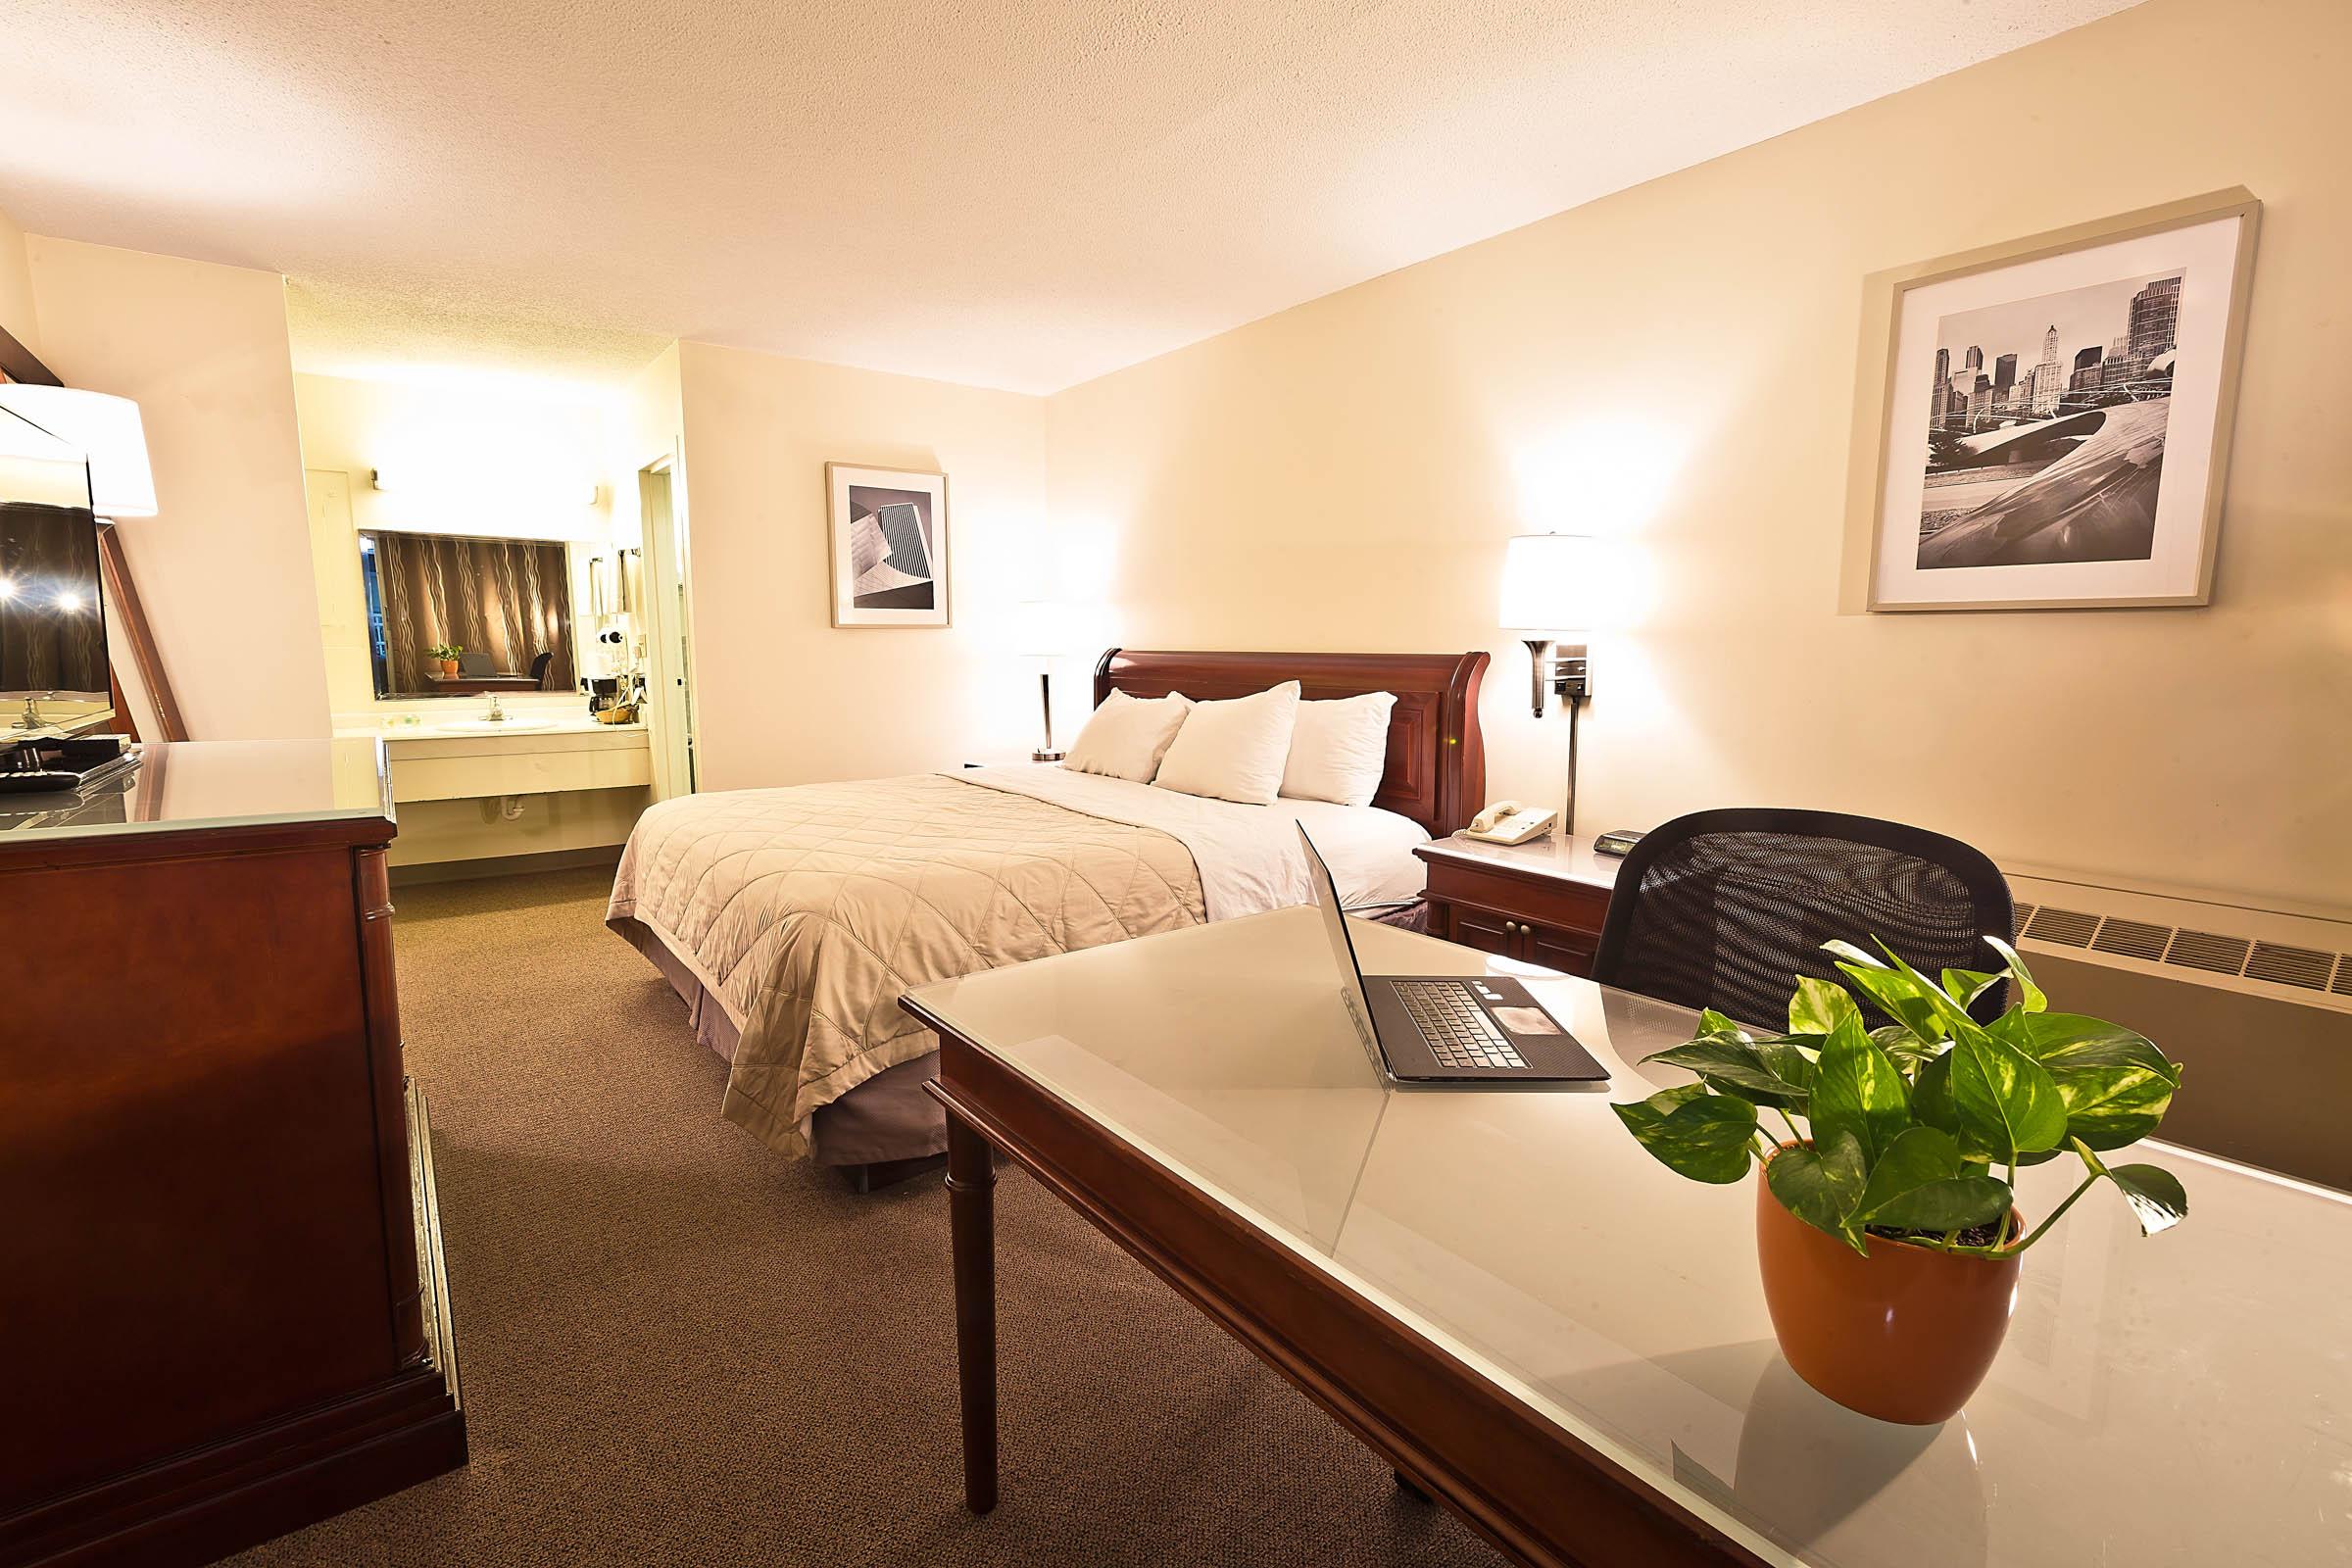 garden hotel south beloit guest rooms 005.jpg